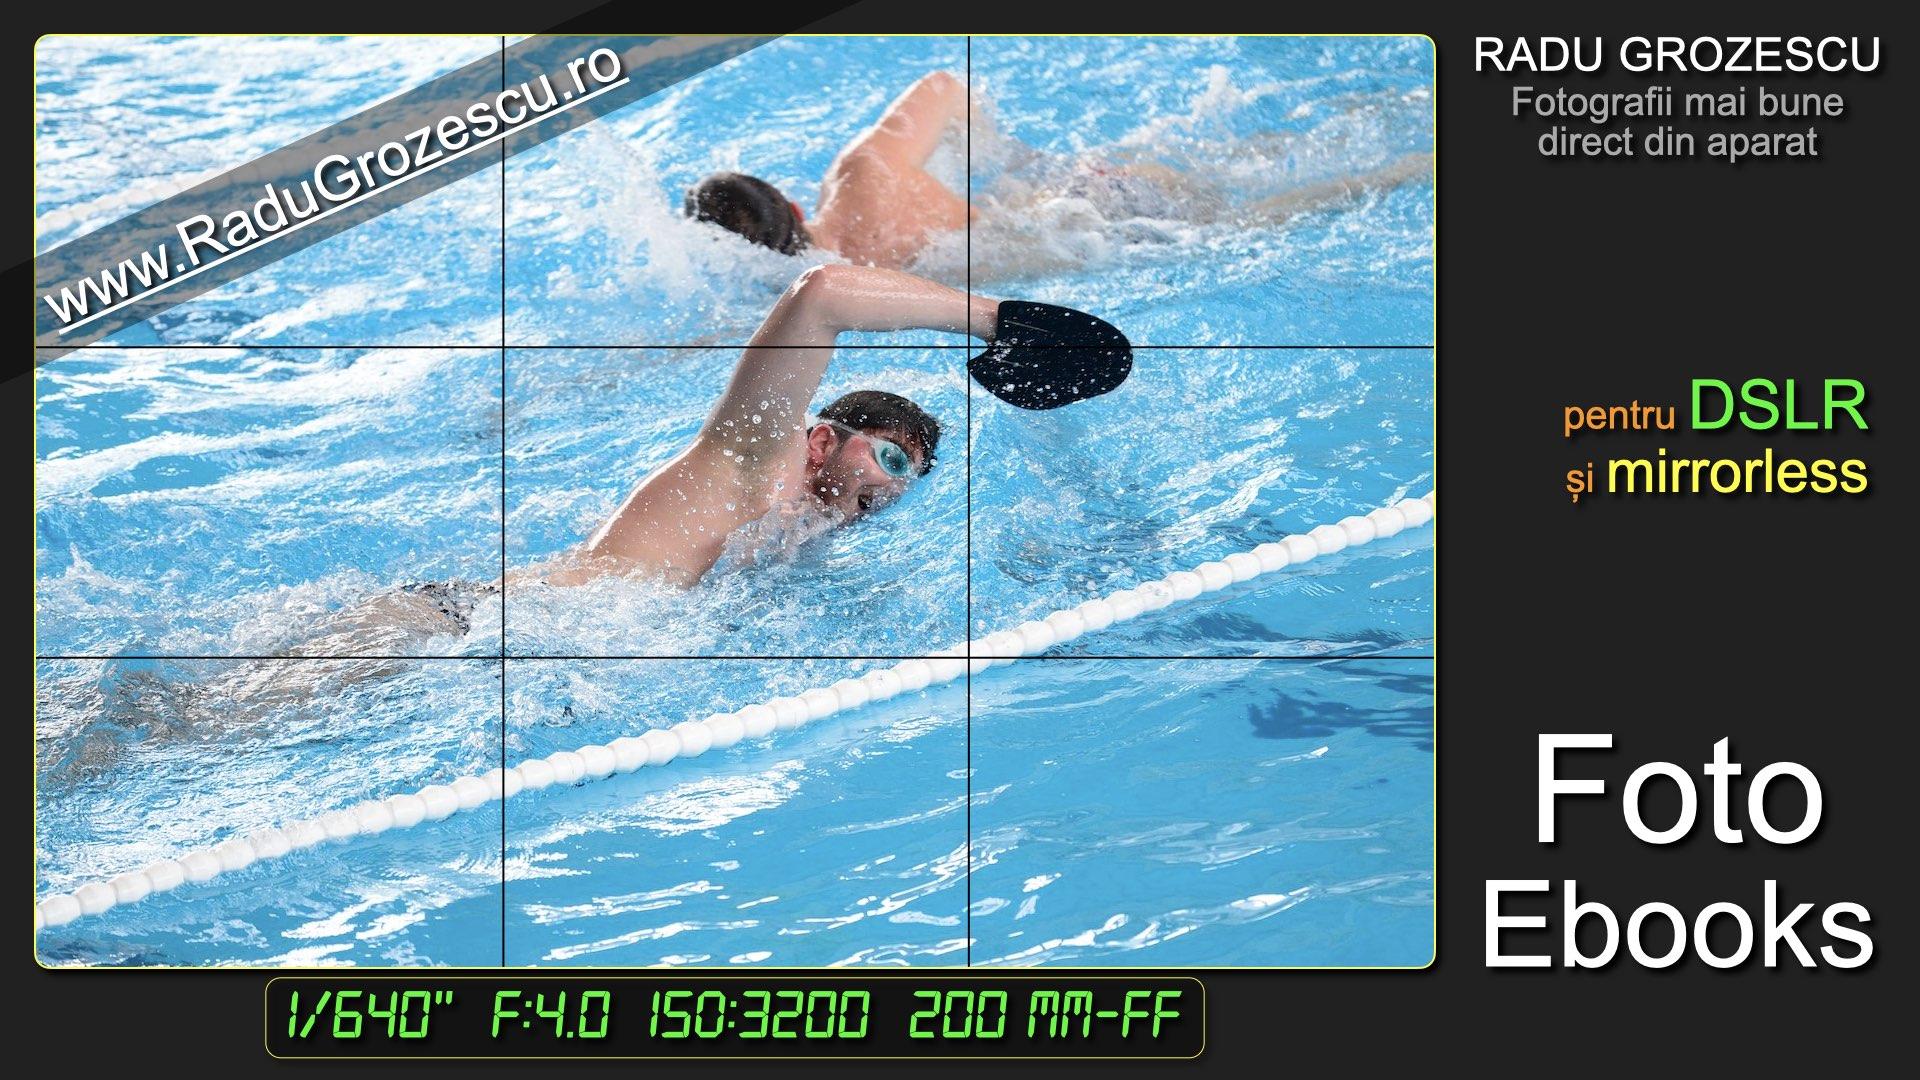 Ebook-uri foto